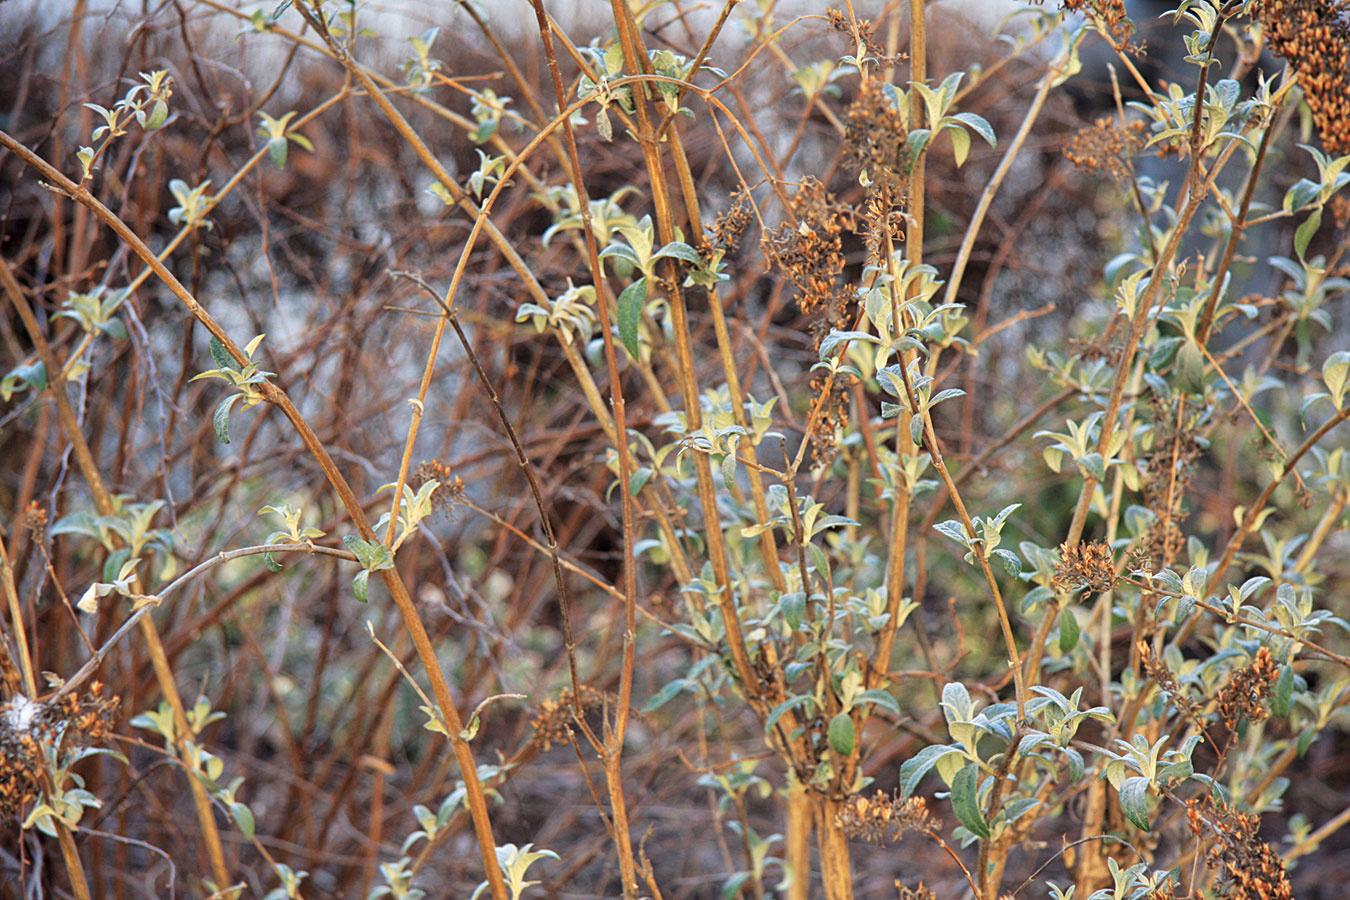 Aby boli kvitnúce kry vlete obsypané kvetmi, vyrazte do záhrady snožnicami. Väčšina znich (budlea, nátržník, bradavec, tavoľník či perovskia) totiž vyžaduje každoročný radikálnejší rez – výhonky zrežte vo výške 5 až 25 cm nad zemou. Aby však nepôsobili neprirodzene, konáre vyrastajúce zo stredu skráťte menej. Myslite aj na rez levandule vdruhej polovici alebo koncom mesiaca, pri ktorom sa nadzemná časť skráti tak, aby sa nezasiahlo staršie drevo. Rez vyžadujú aj hortenzie. Najčastejšie pestovanej hortenzii veľkokvetej (Hydrangea macrophylla) postačí odstrániť suché kvety. Tesne nad pôdou treba zrezať len staršie amálo kvitnúce výhony. Vprípade hortenzie stromčekovej (Hydrangea arborescens) skráťte odkvitnuté výhony asi opolovicu.